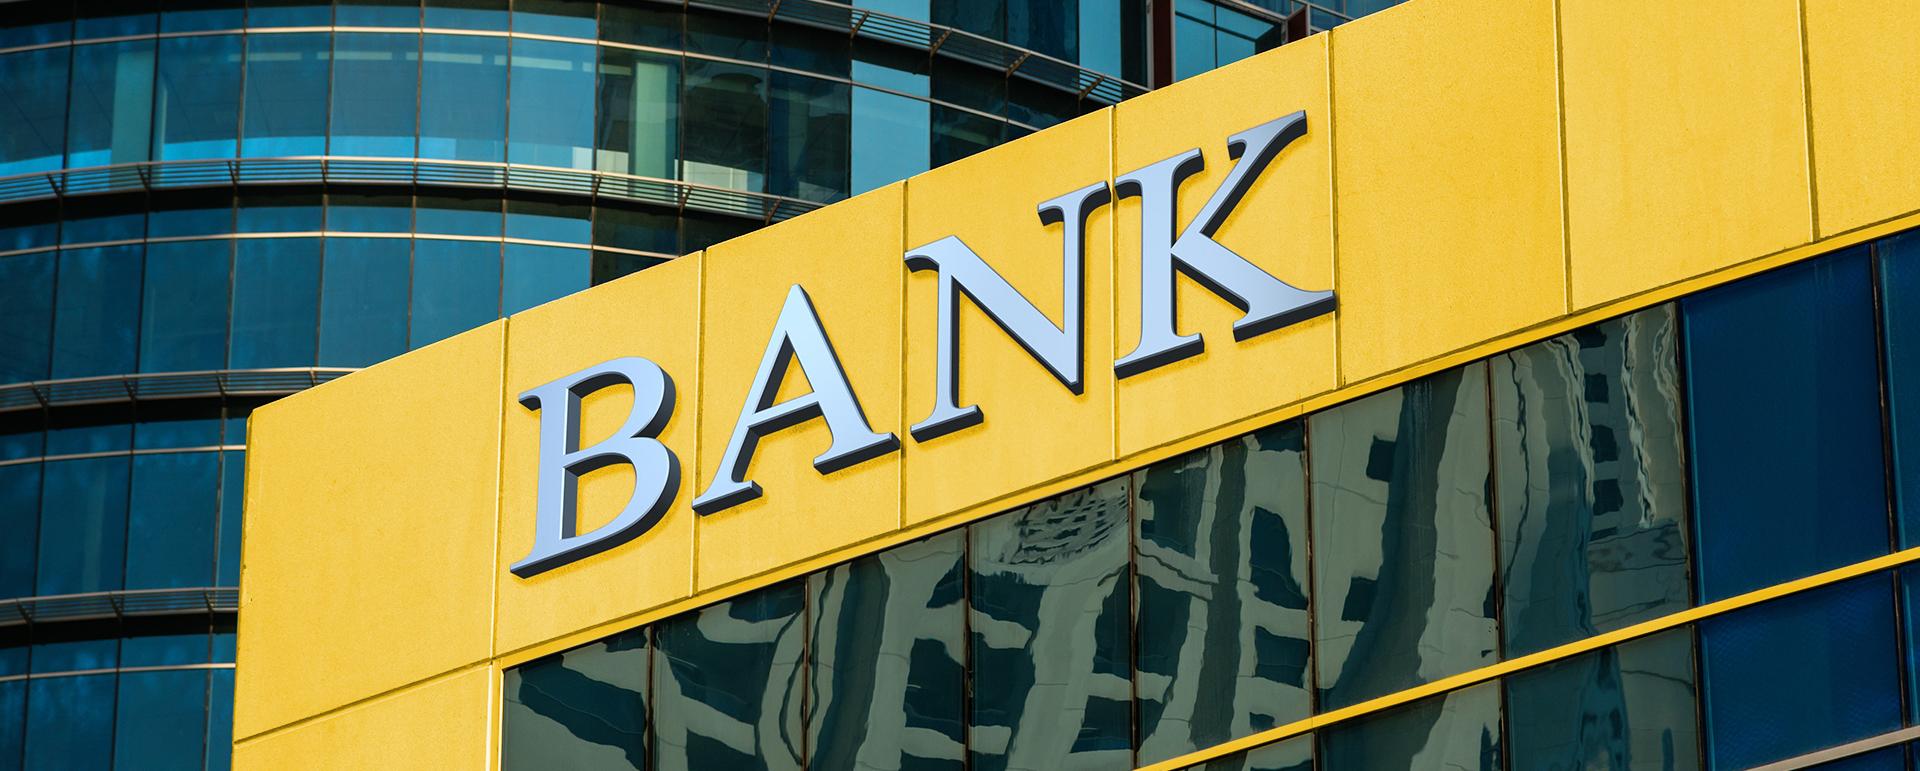 Банки/фінанси